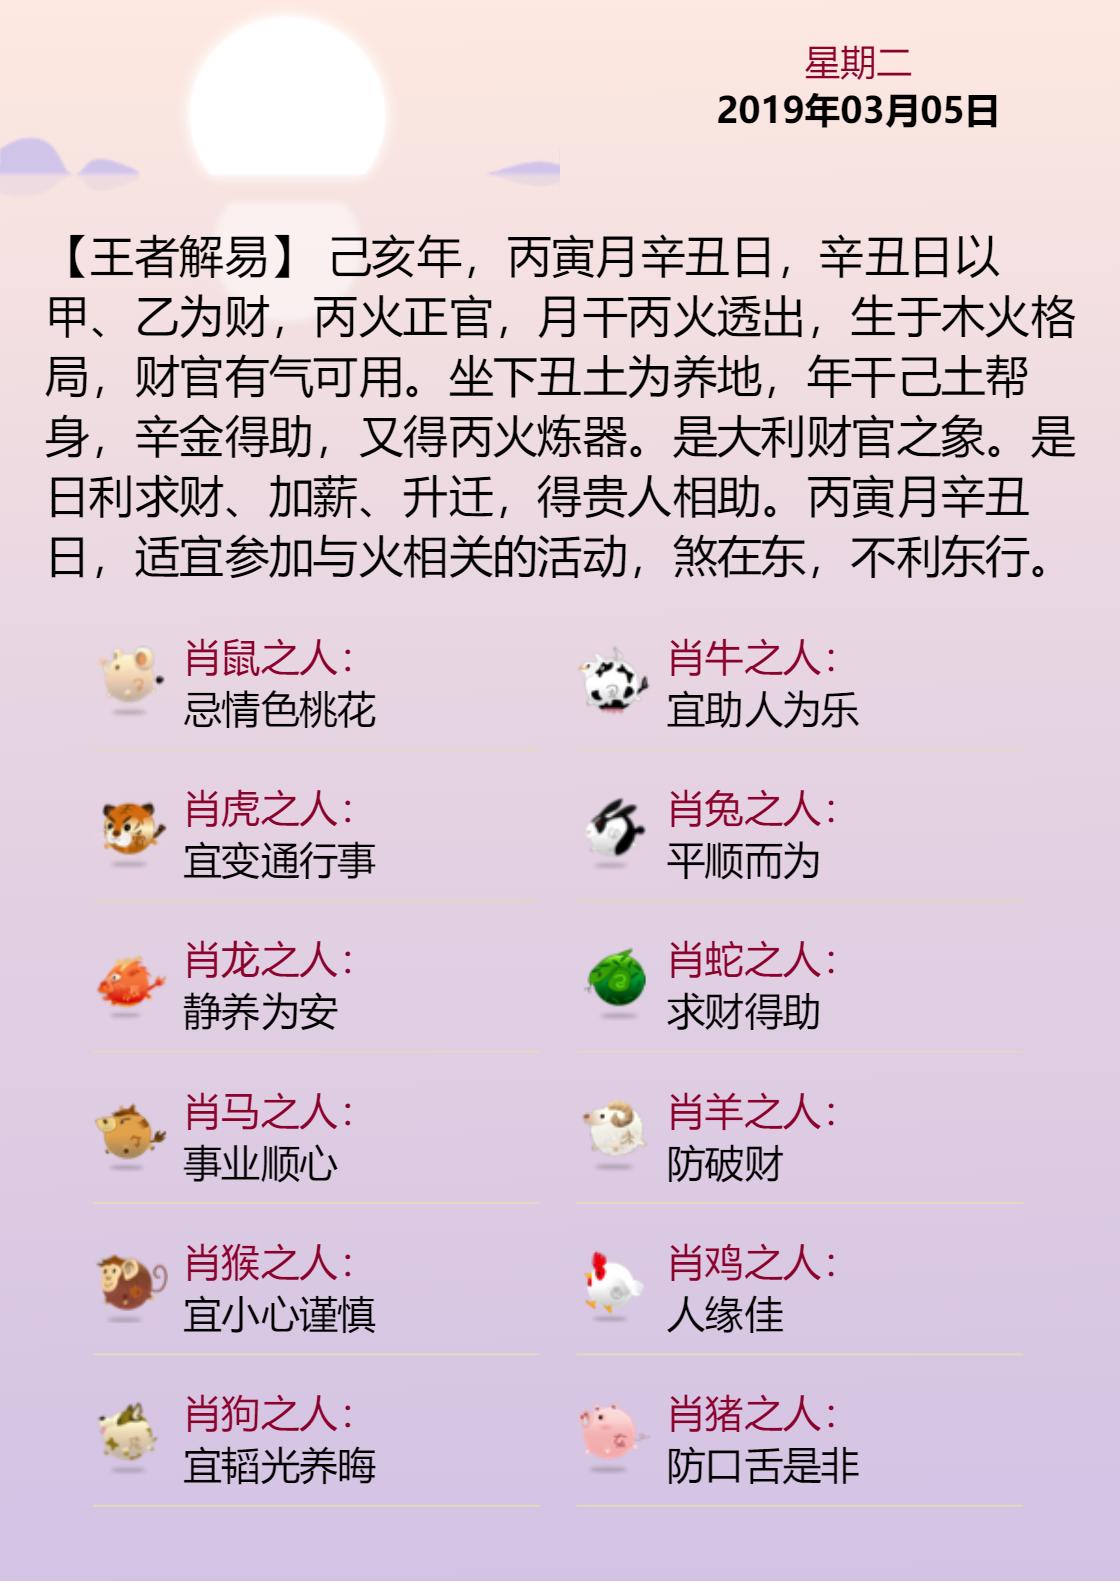 黄历海报20190305.png